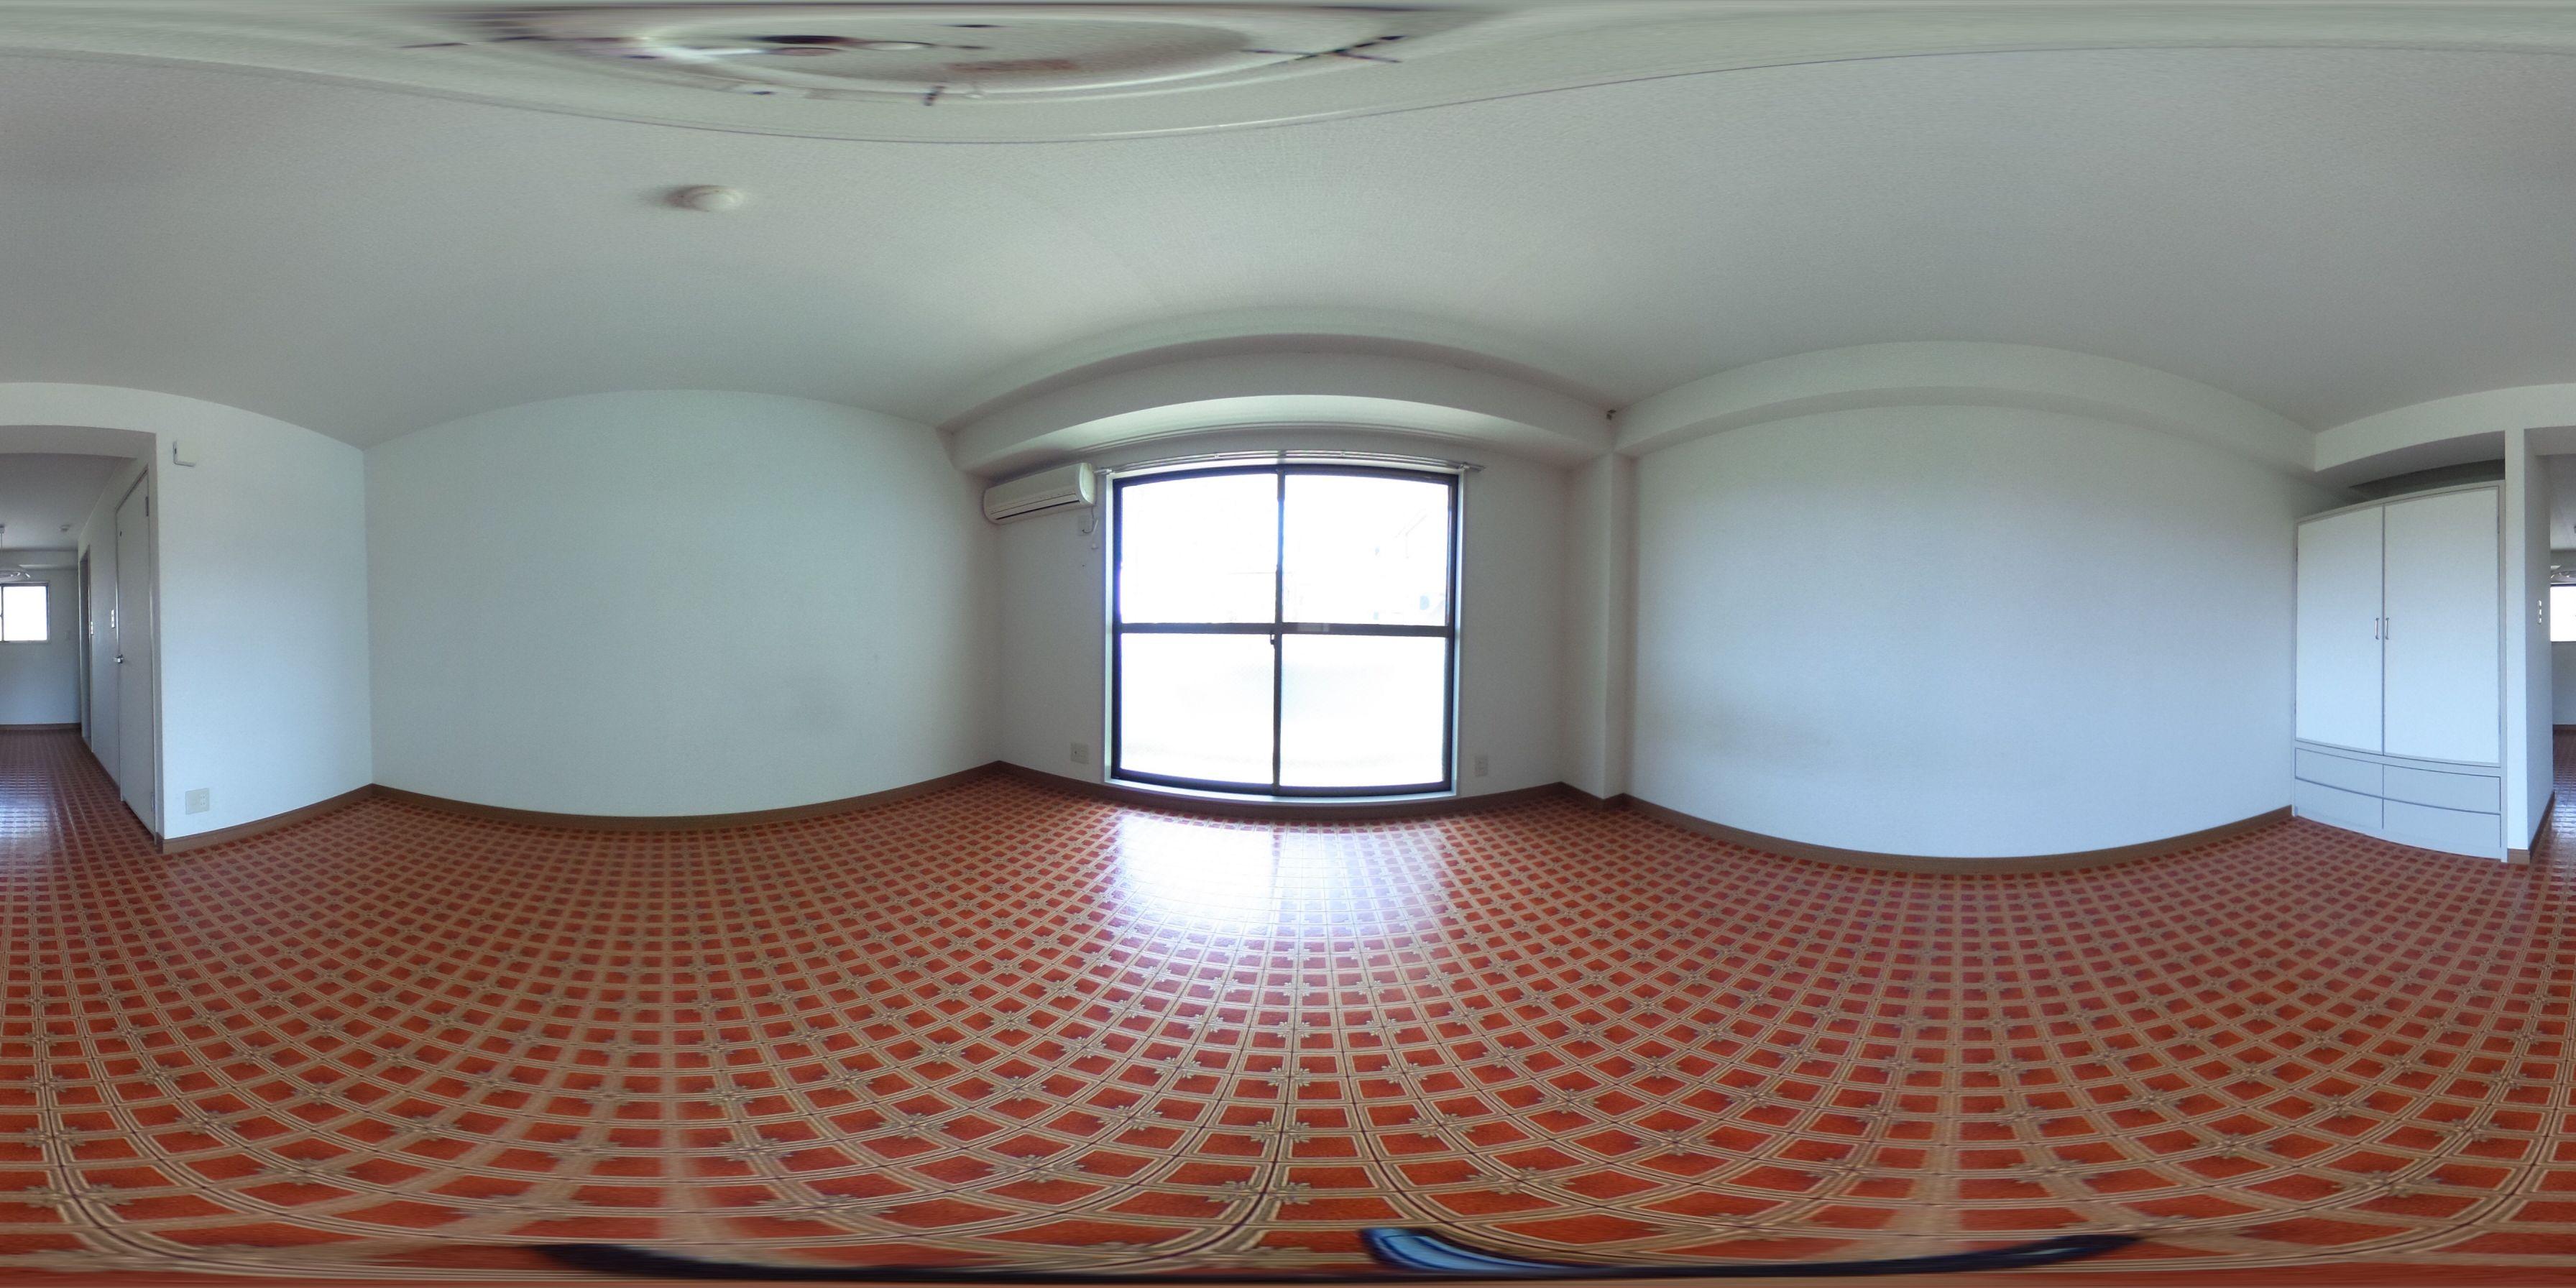 土佐市高岡町甲 賃貸マンション 1Kパノラマ画像